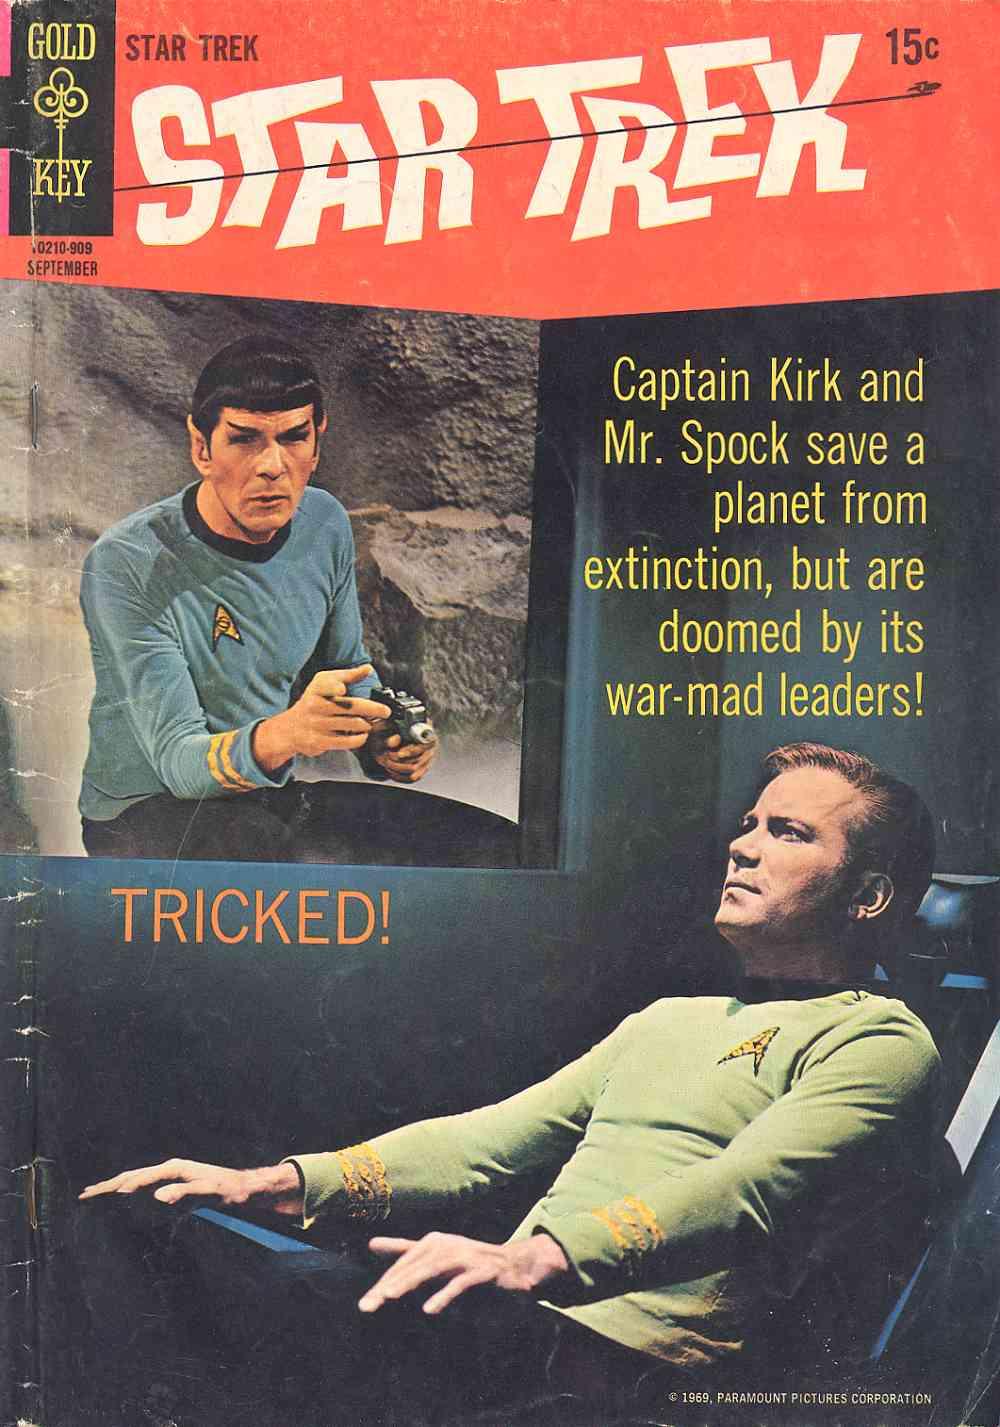 Star Trek (1967) issue 5 - Page 1